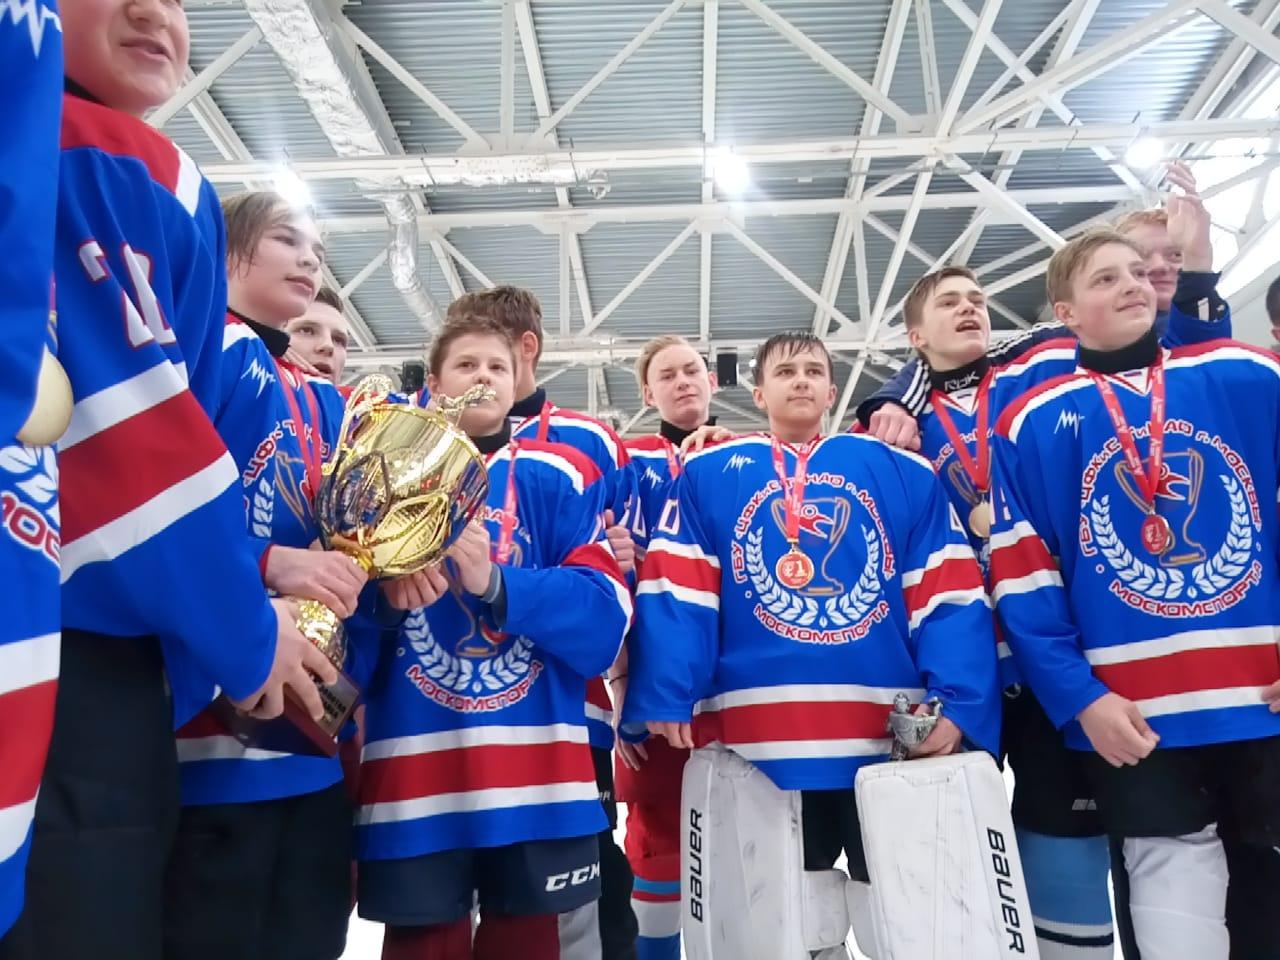 Спортсмены поселения Кленовское примут участие в соревнованиях «Золотая шайба»